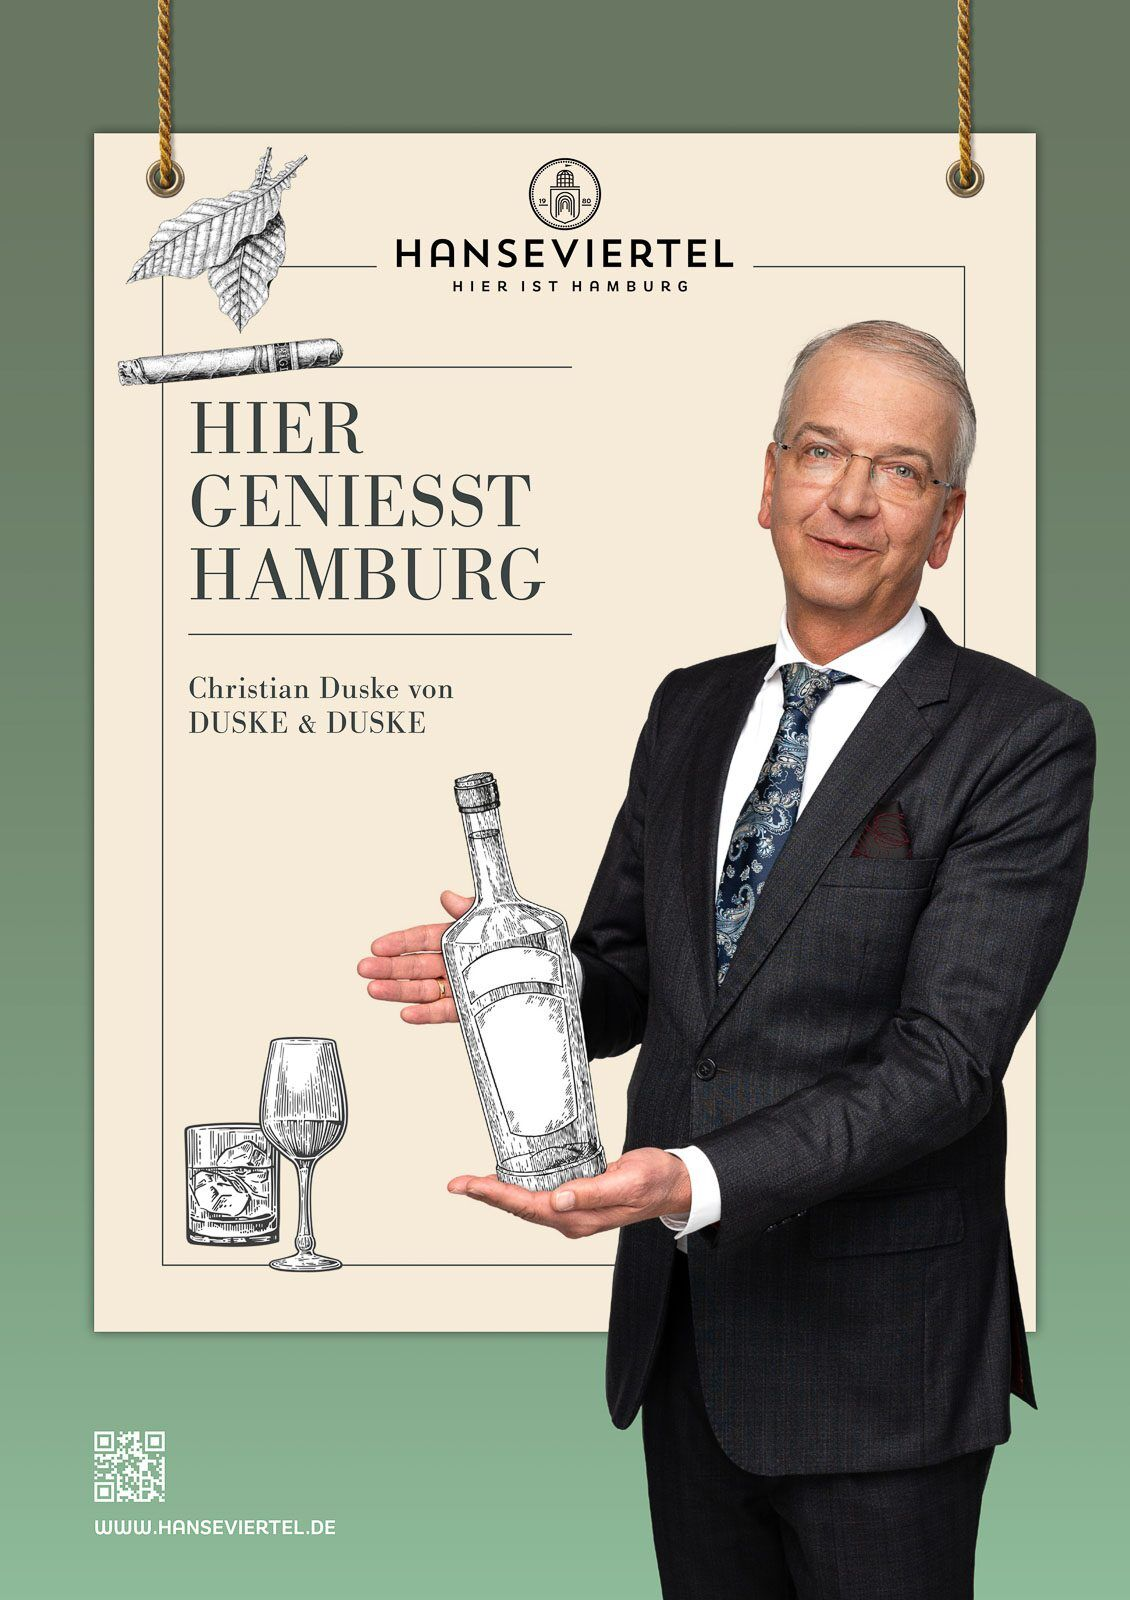 Hanseviertel (8)